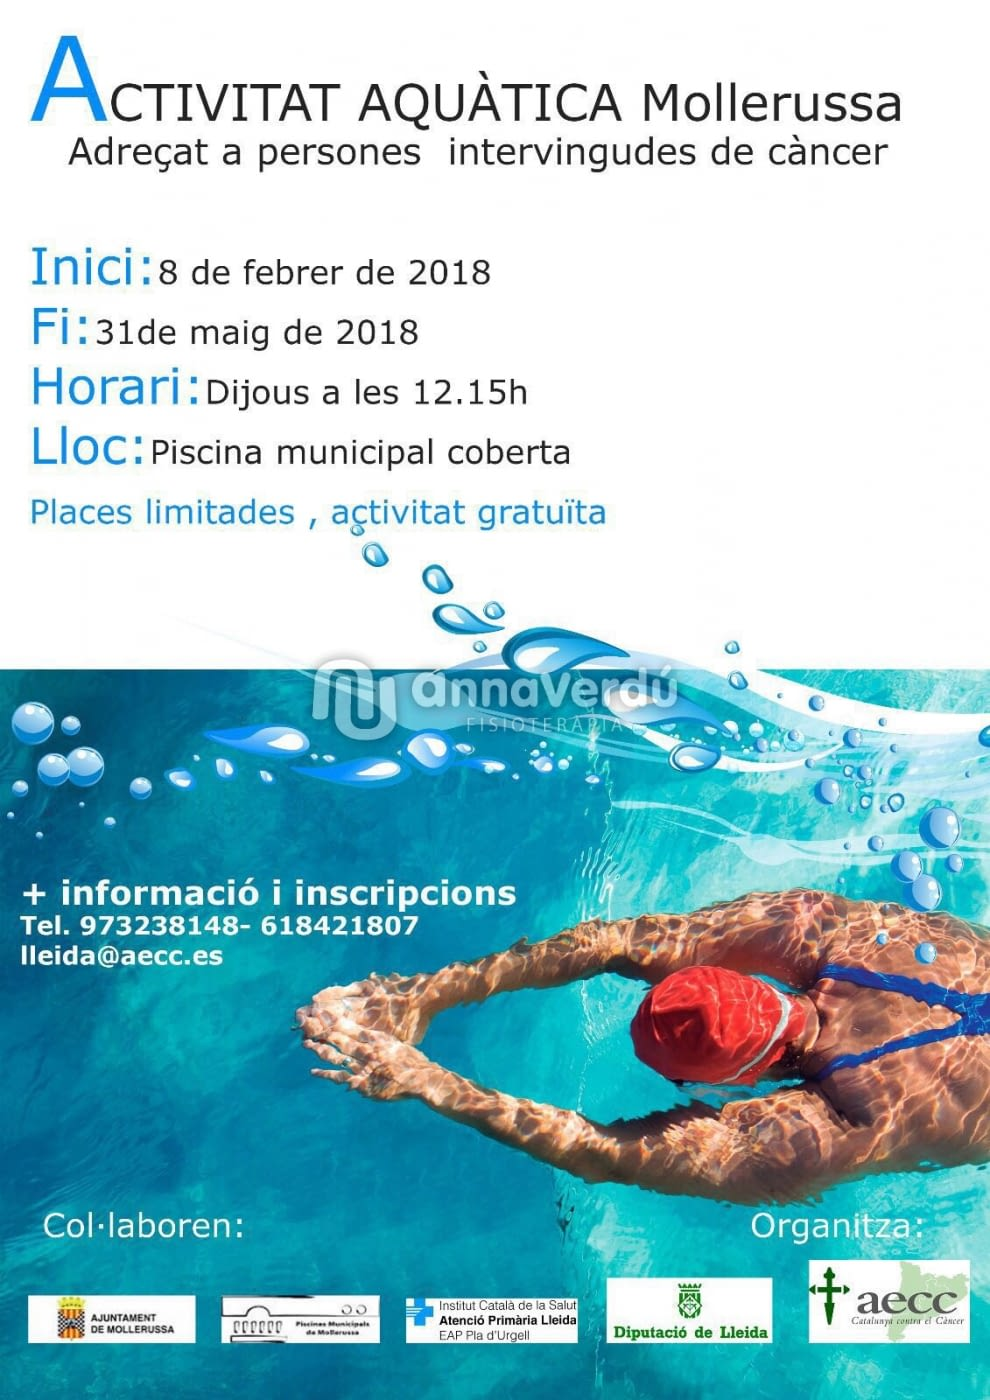 Fisioteràpia aquàtica Tàrrega-Mollerussa - AECC